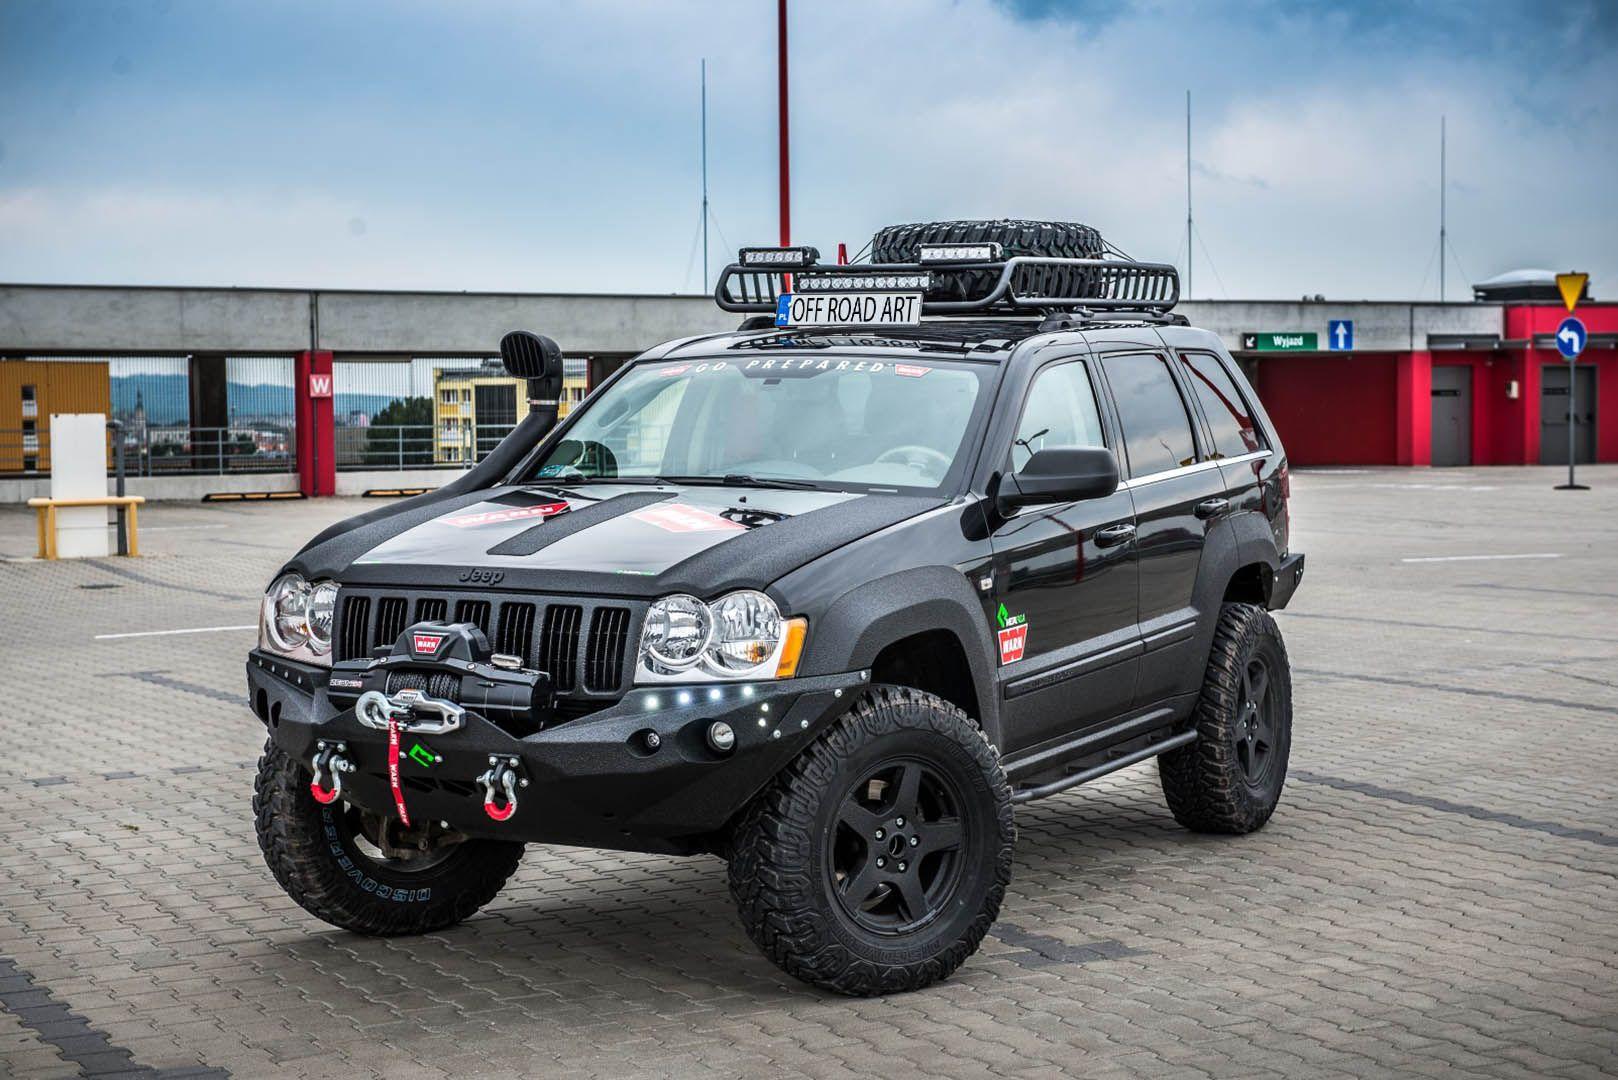 metalpasja innowacyjne doposa enia offroad jeep grand cherokee wk lift 4 [ 1618 x 1080 Pixel ]